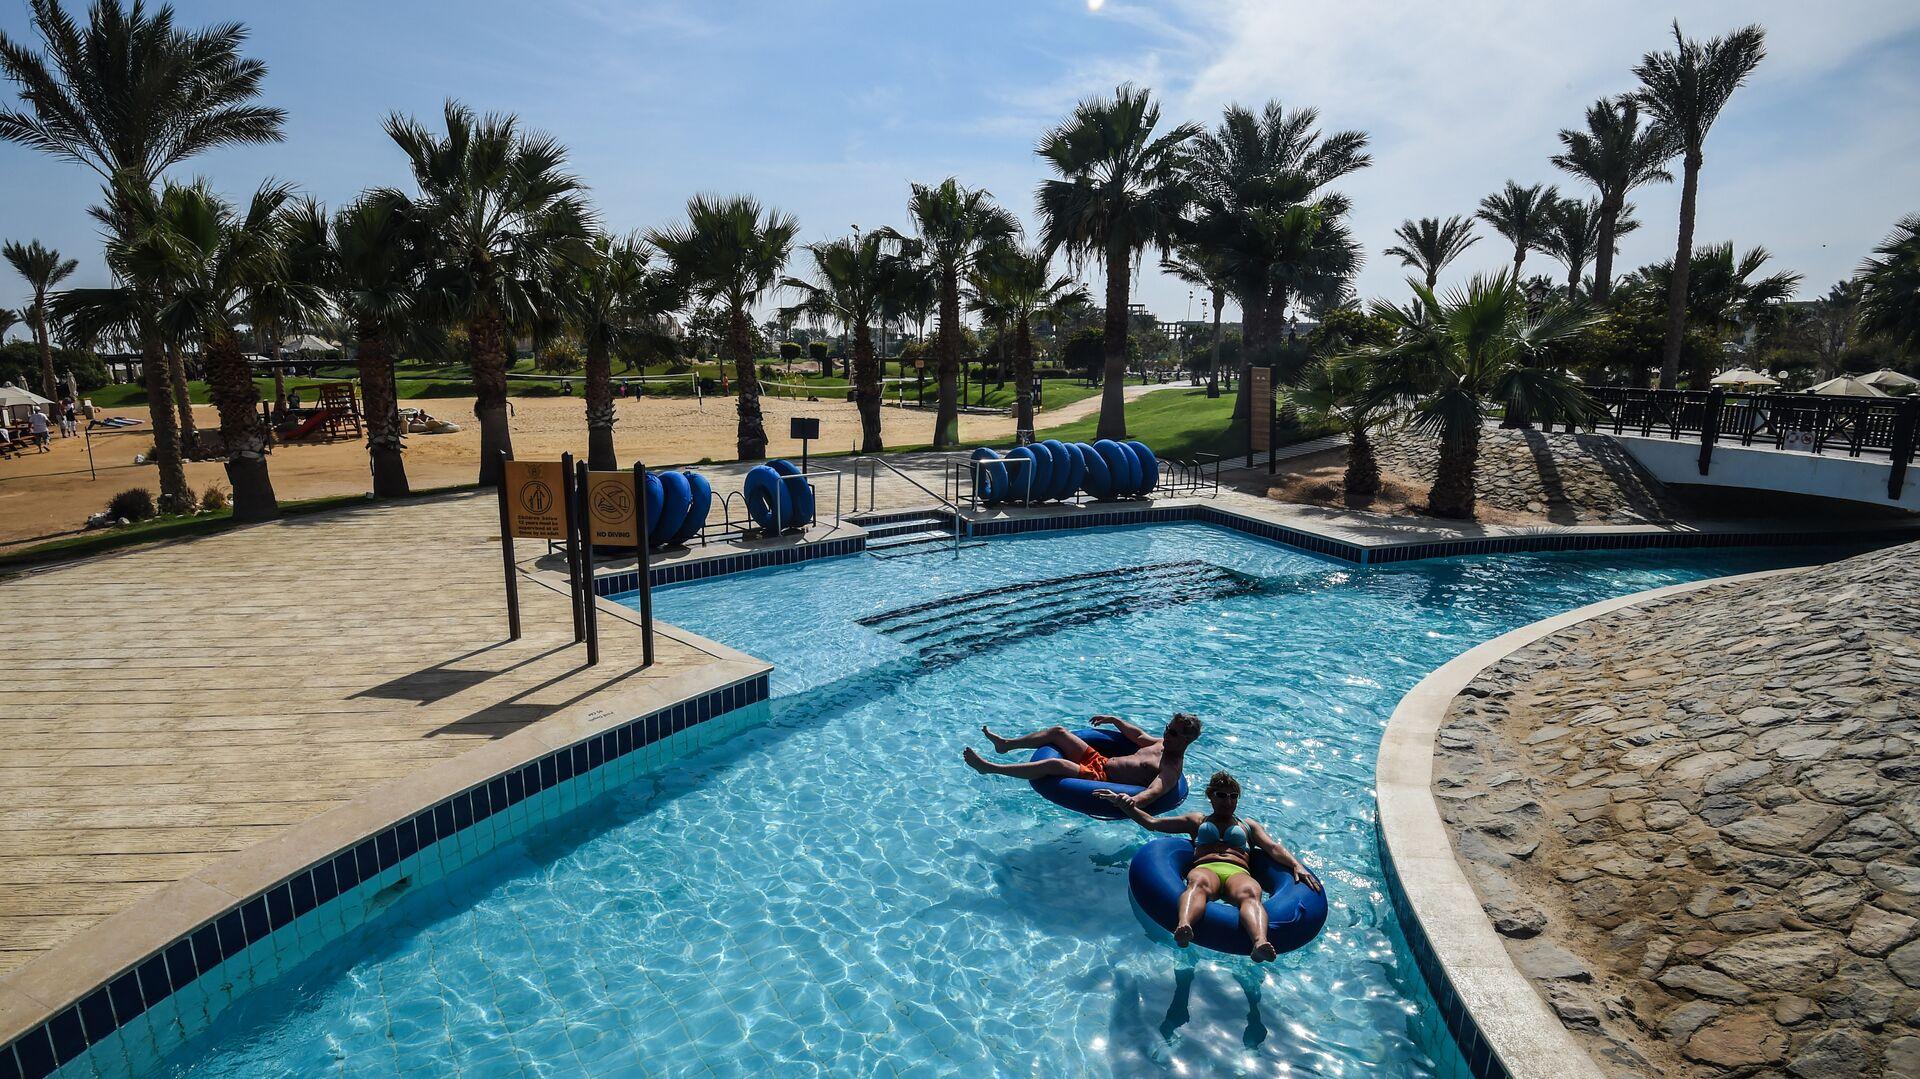 Туристы в бассейне в одном из отелей курорта Хургада в Египте. 19 февраля 2018 года - РИА Новости, 1920, 24.11.2020